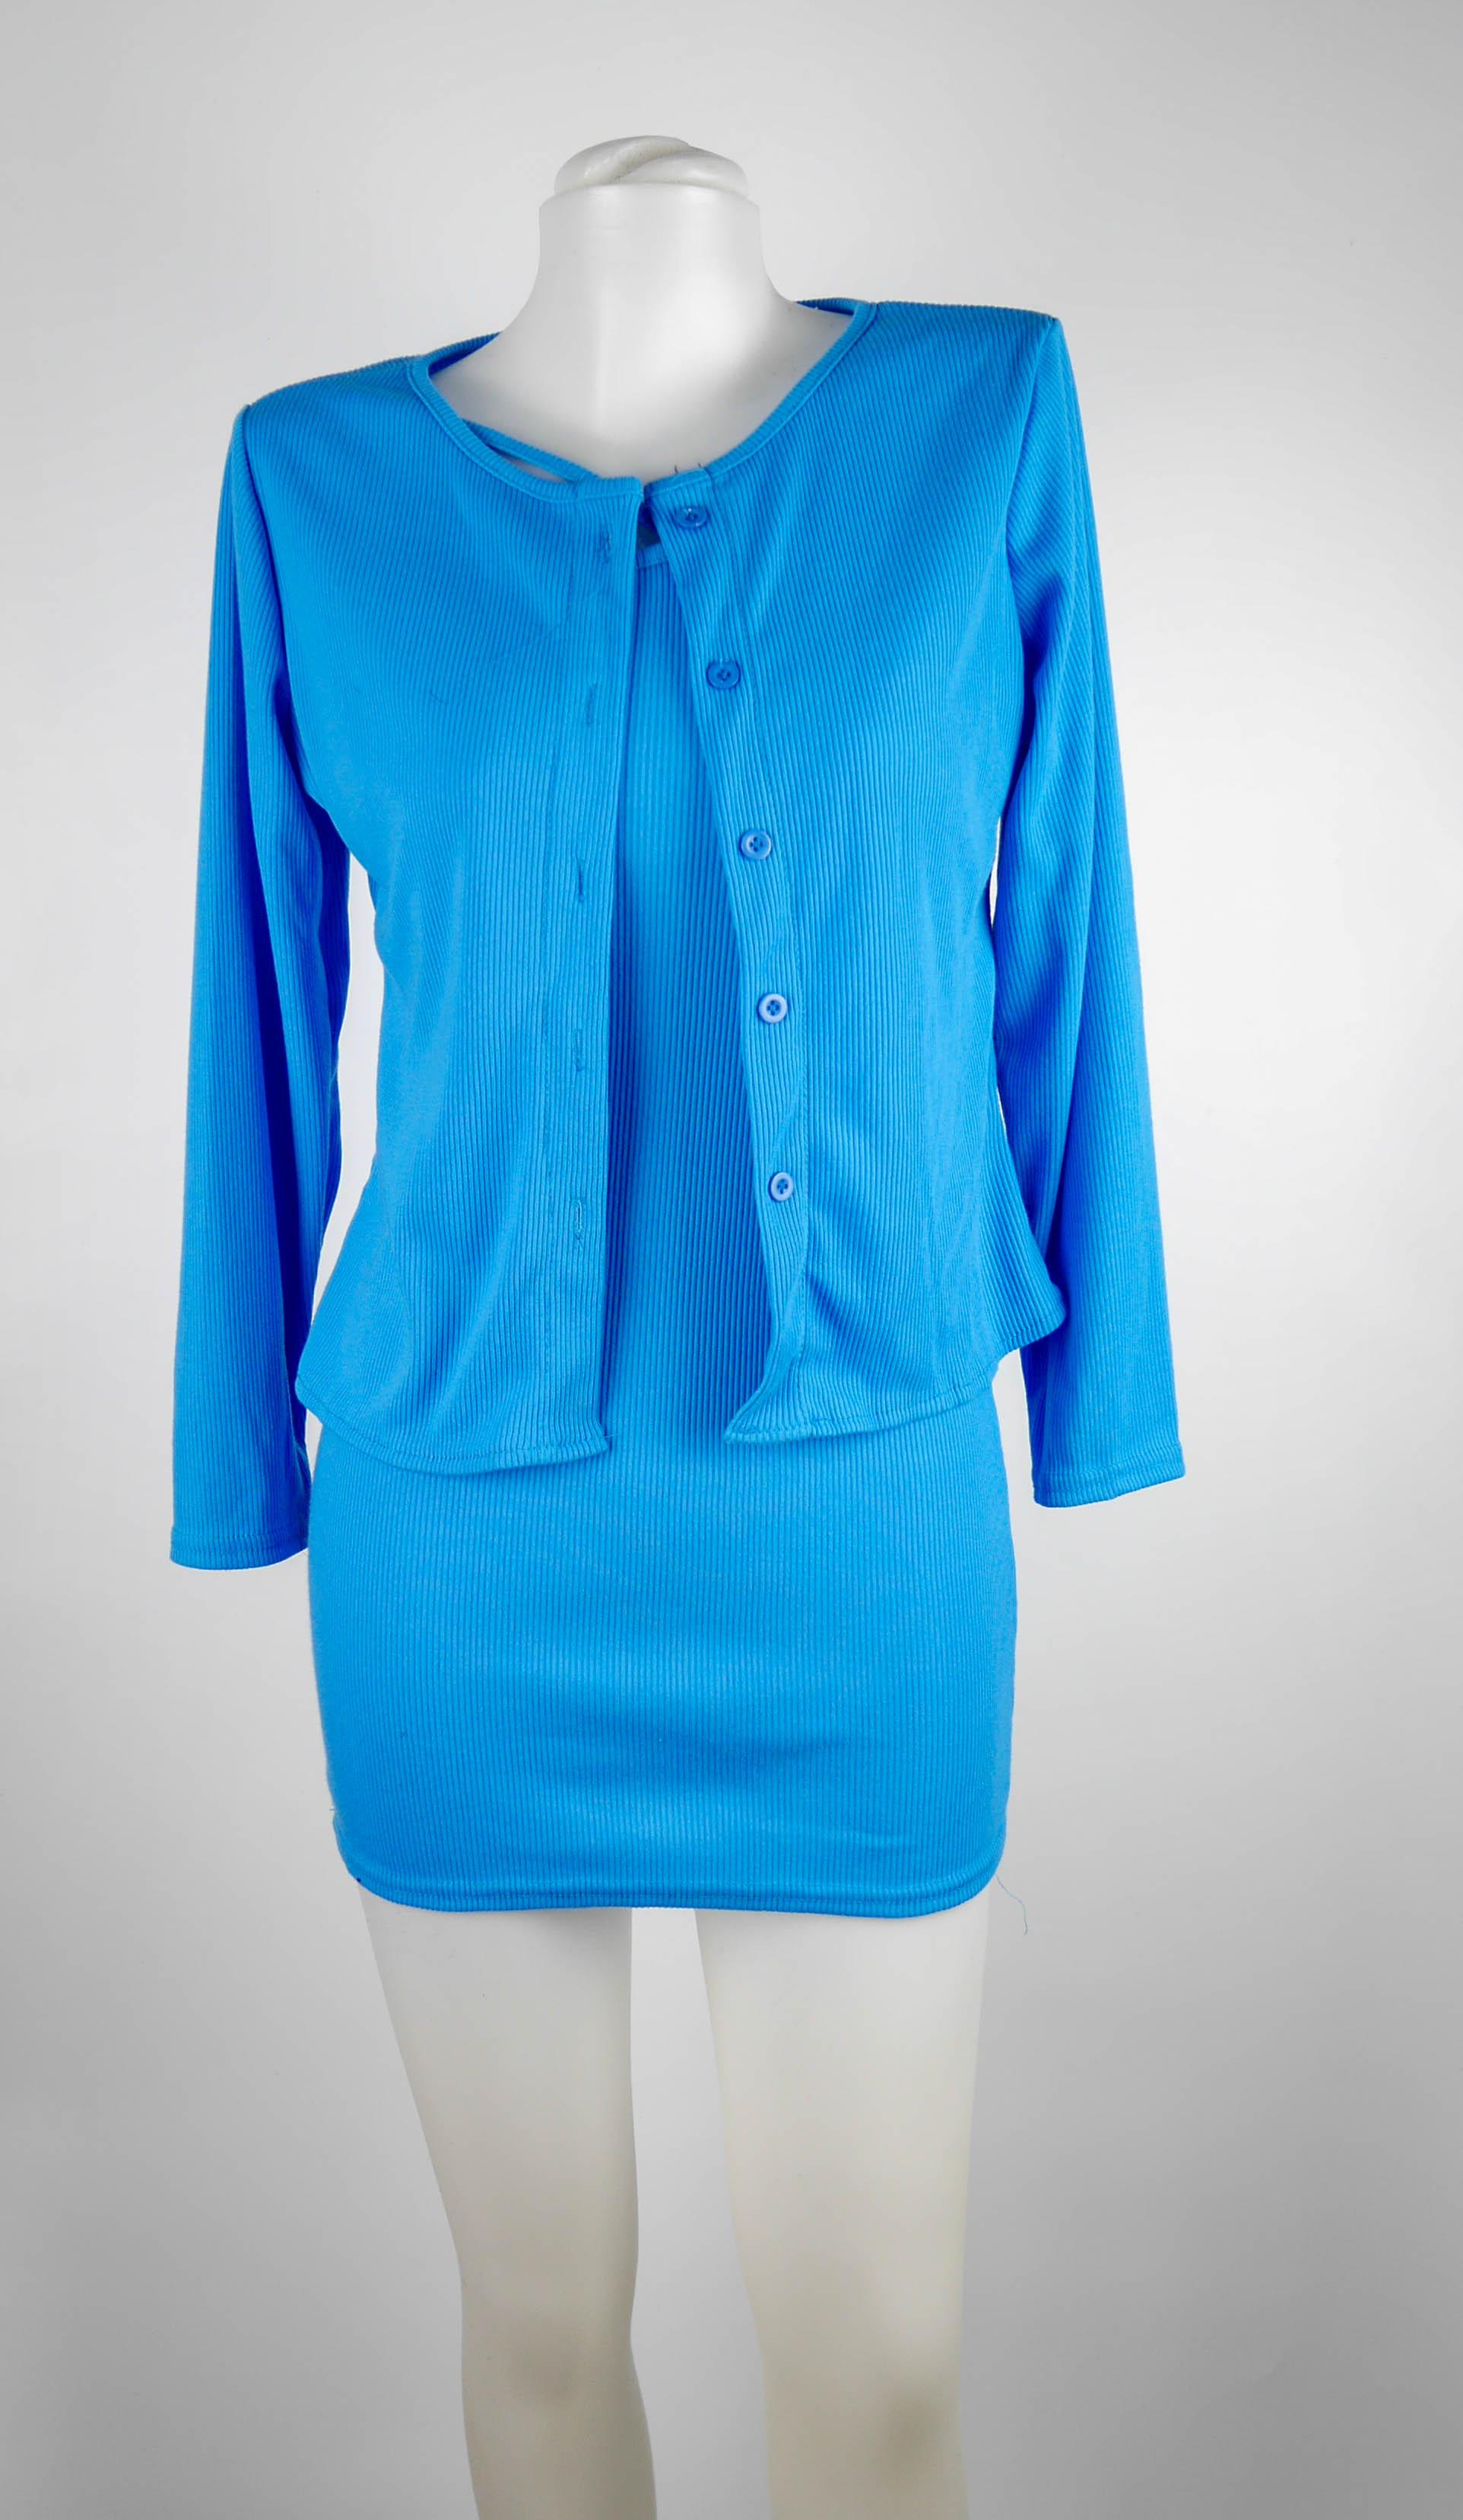 ชุด 2 ชิ้น เดรสสายเดี่ยว + เสื้อคลุม สีฟ้า